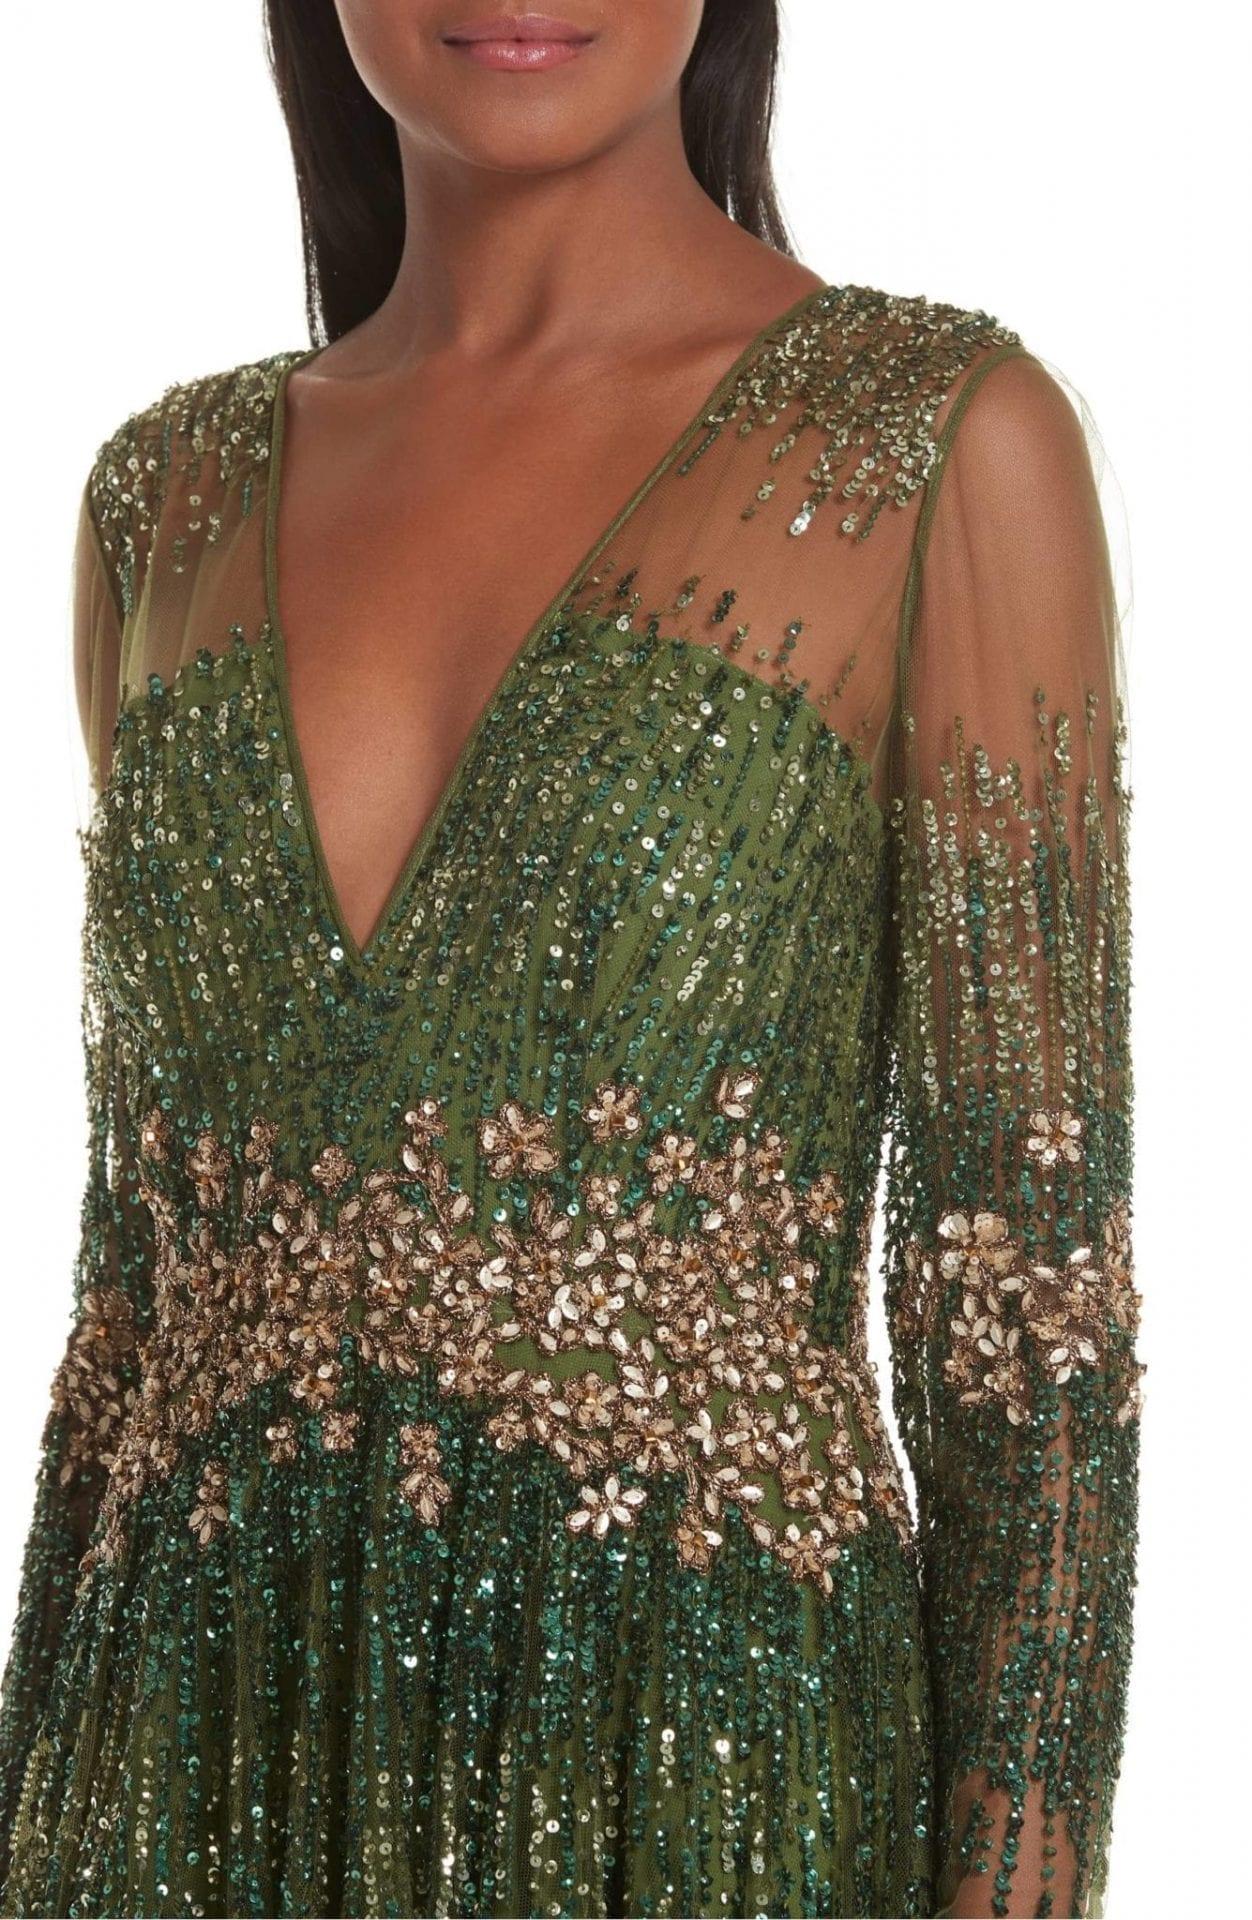 PAMELLA ROLAND Crystal Embellished A-Line Green Gown - We Select Dresses ddaeb6257